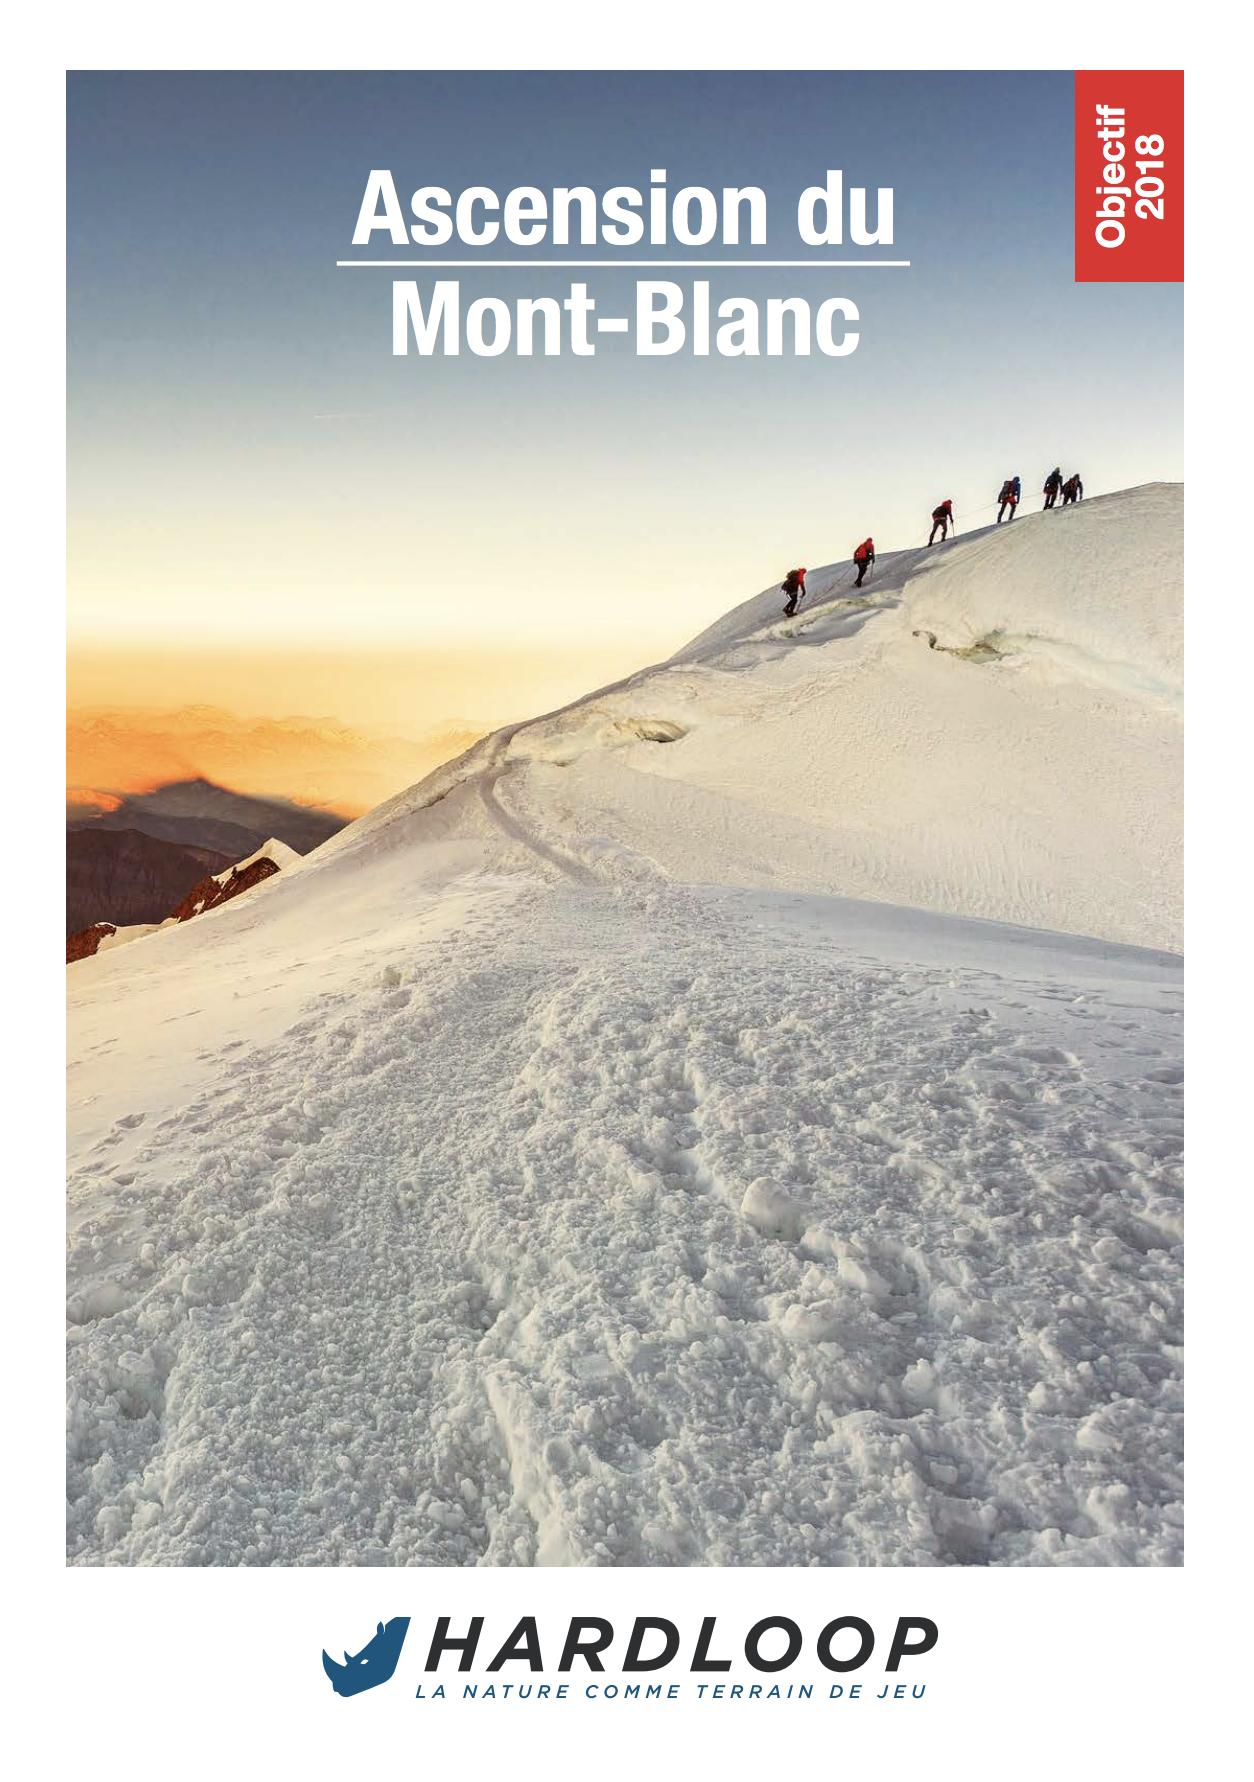 Checklist Checklist Checklist Blanc Du Un Équipement Avec Mont Guide Guide Guide Guide Ascension wxHOq4